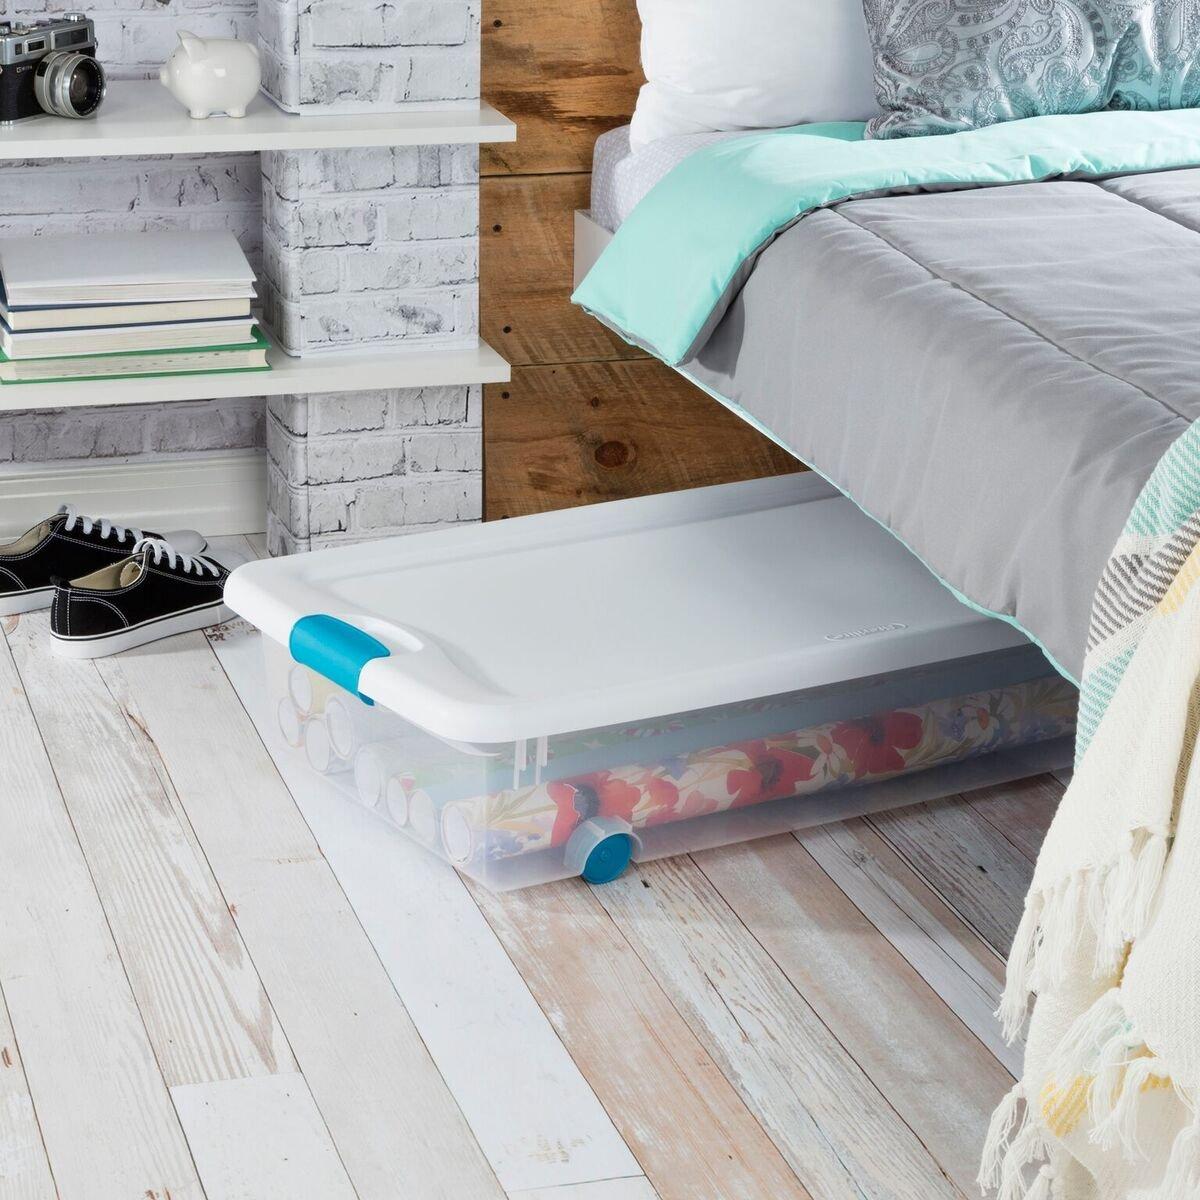 Budget-friendly plastic underbed storage